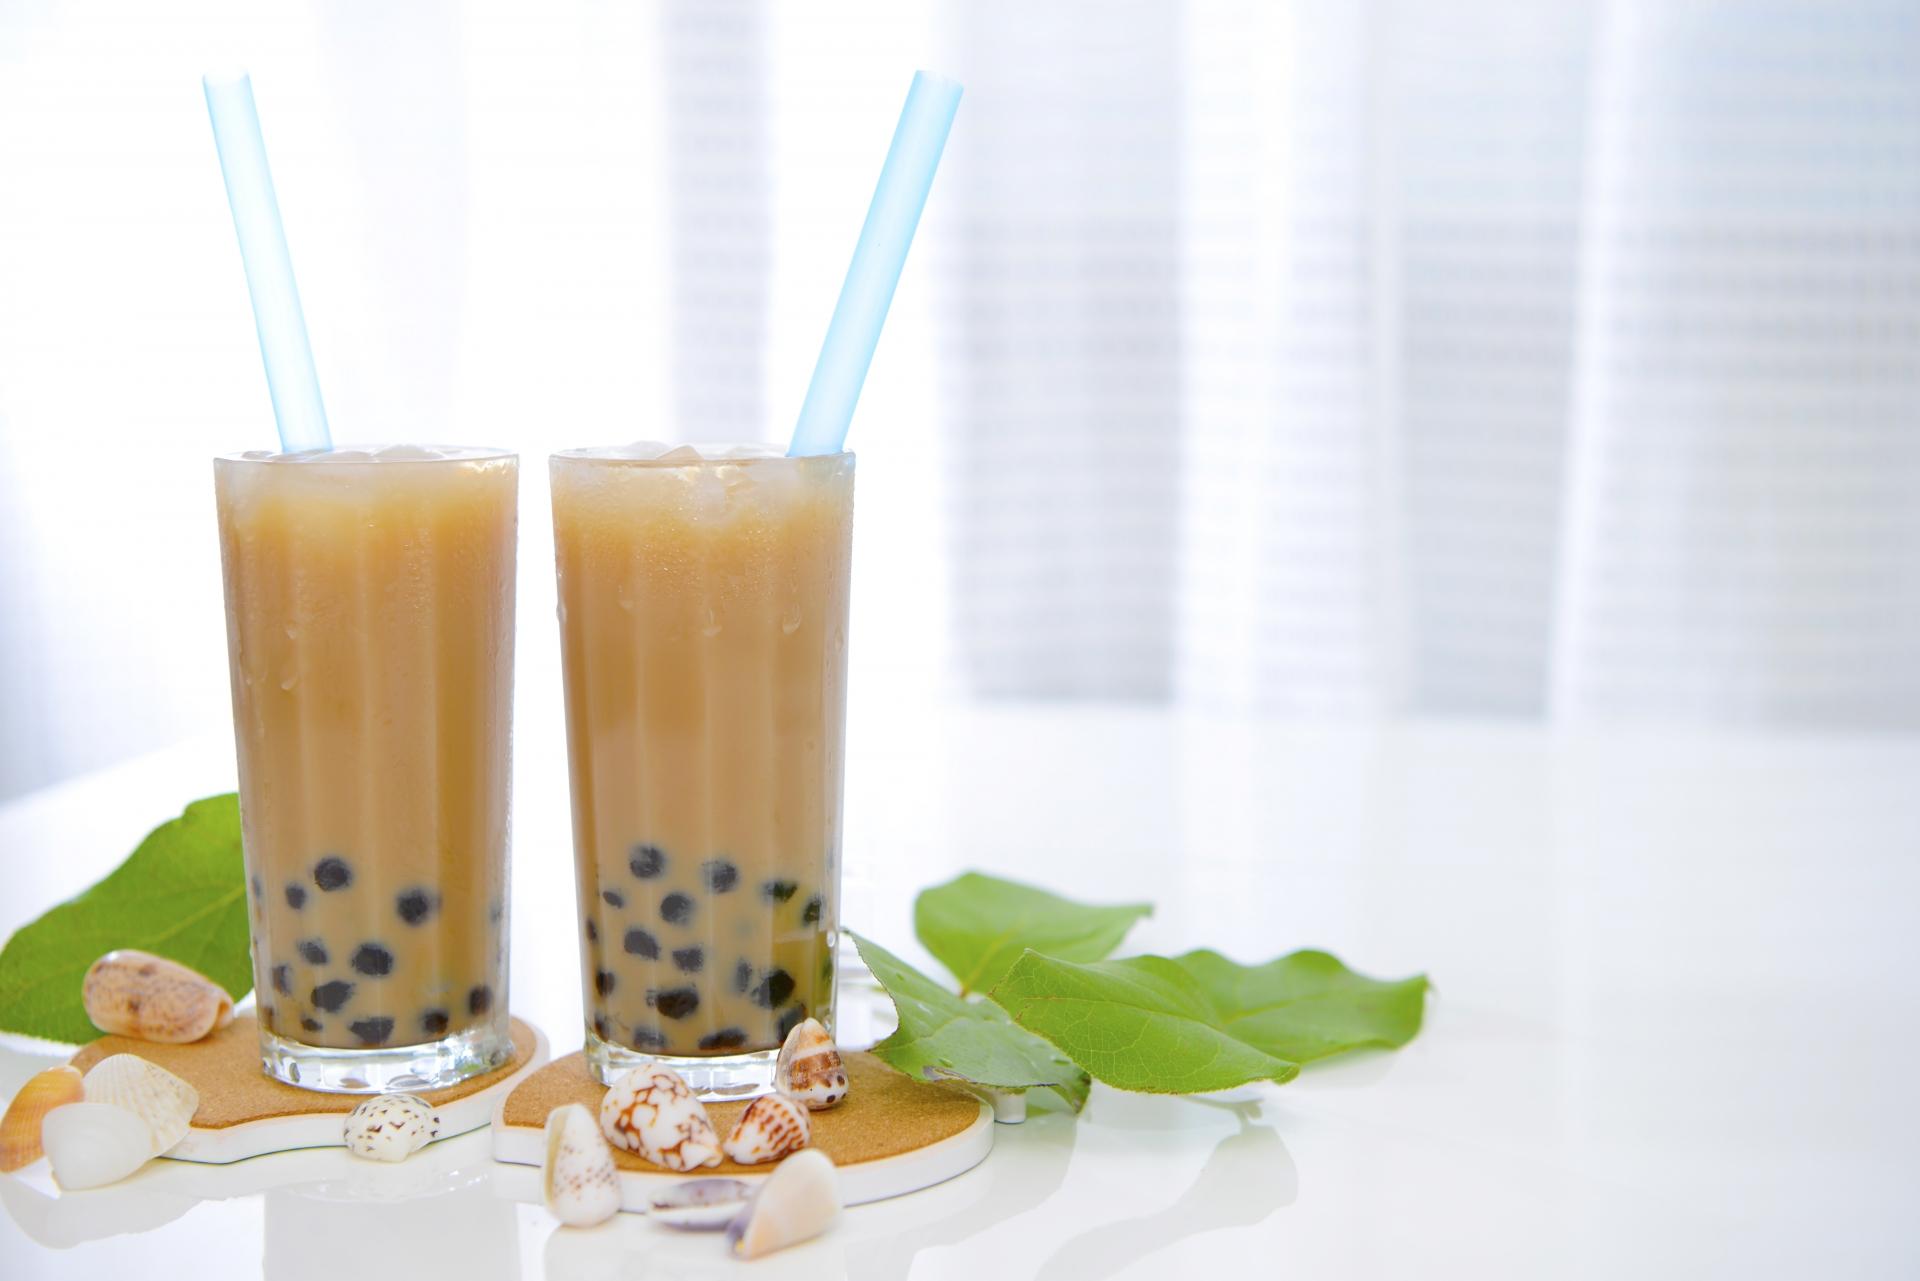 御茶ノ水で人気のタピオカドリンクは?おしゃれで美味しいおすすめ店をご紹介!